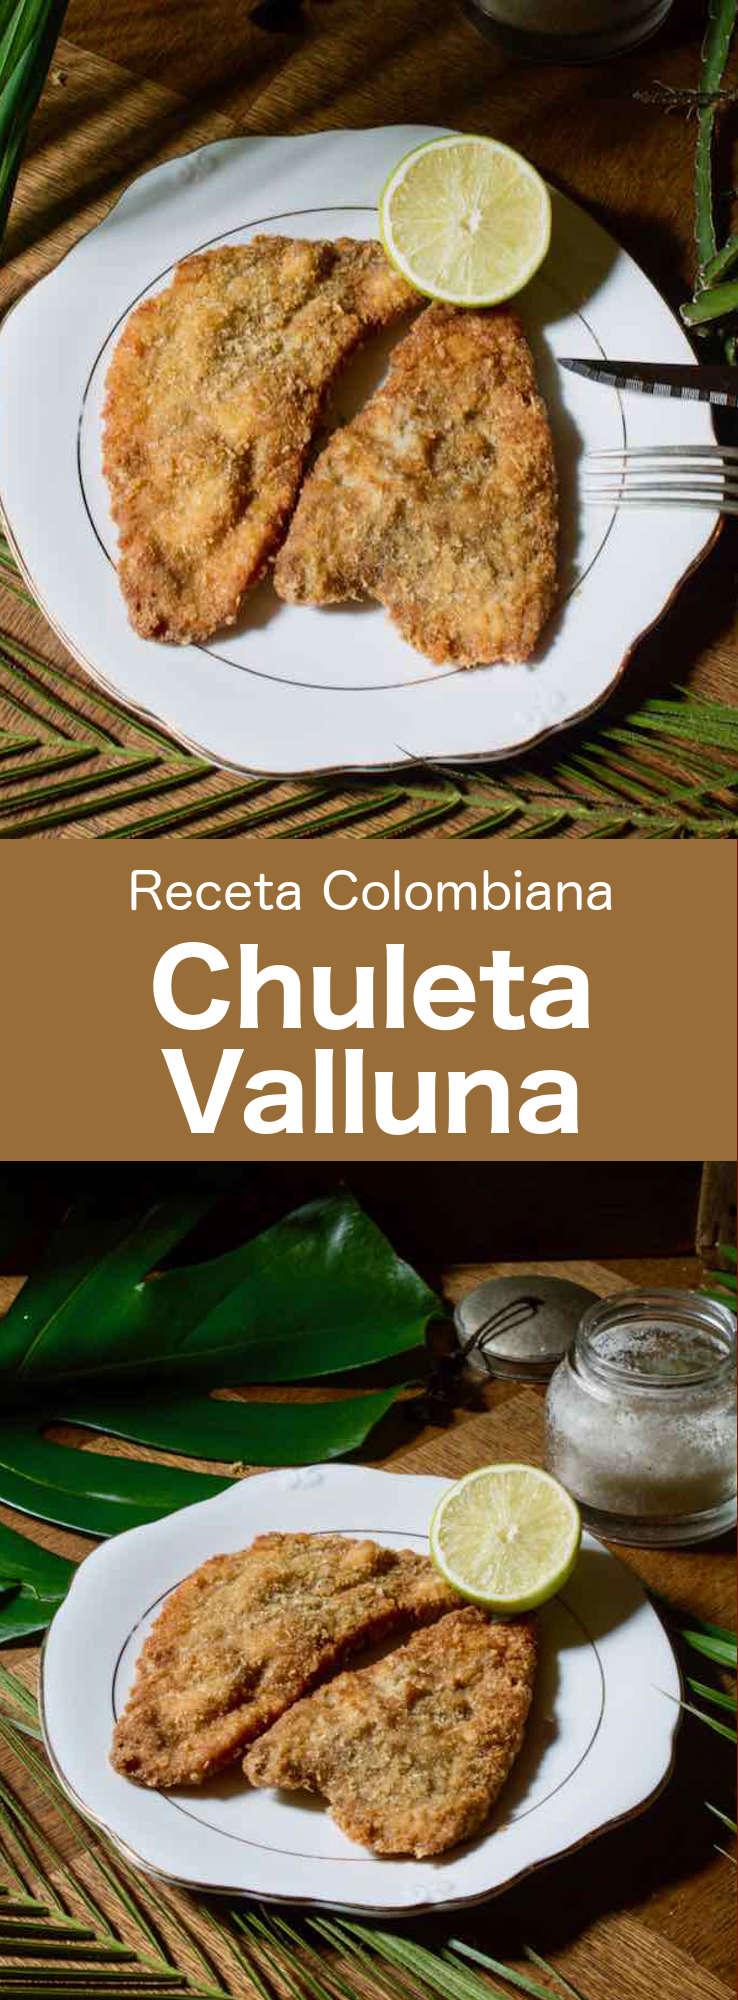 La chuleta valluna es un plato típico de la región del Valle del Cauca de Colombia. Se prepara con lomo de cerdo empanado y es similar a la milanesa de ternera o al schnitzel vienés. #Colombia #196flavors